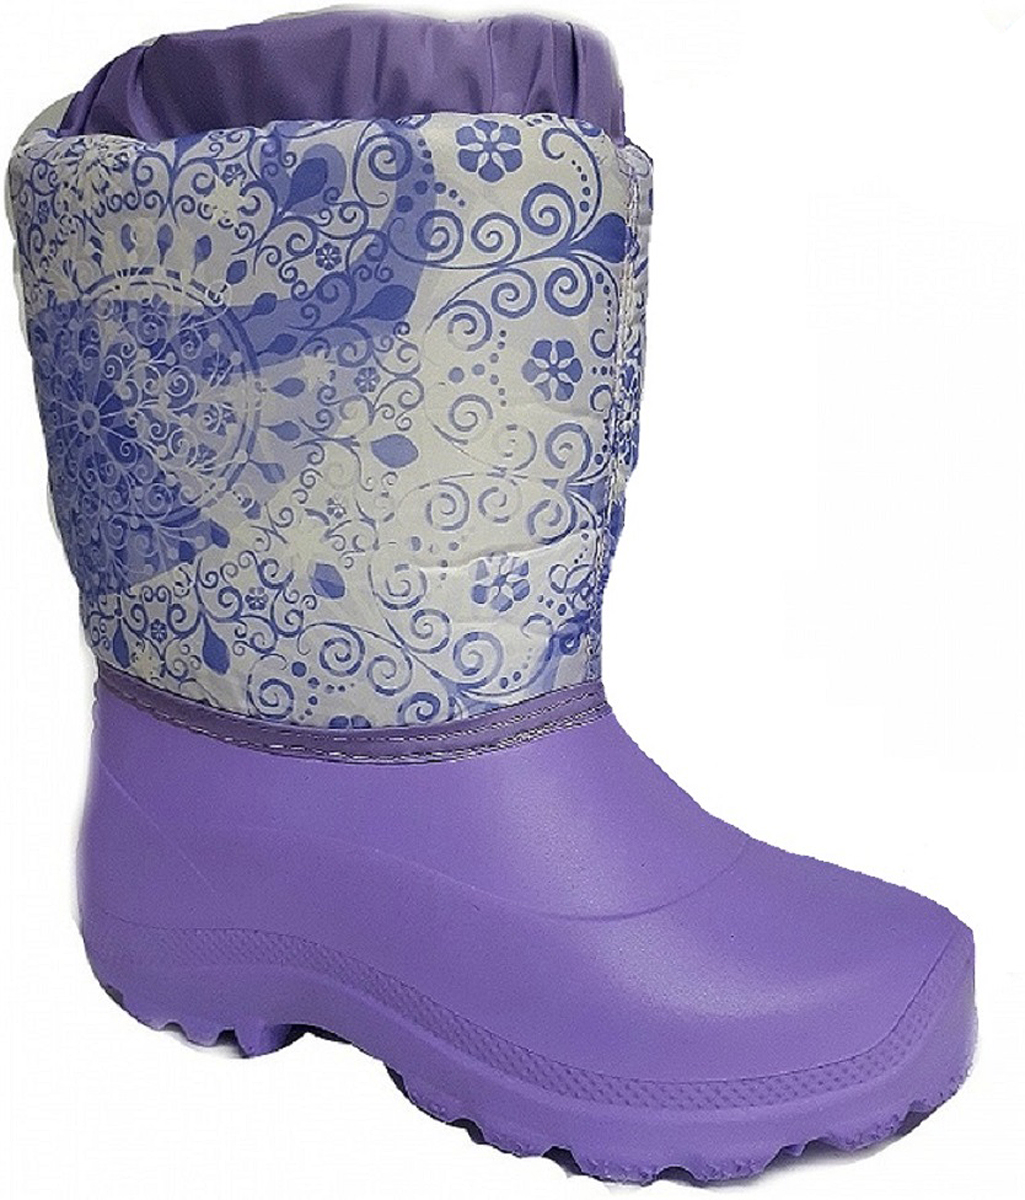 Норды детские Дарина Варенька, цвет: сиреневый. Размер 28-29Д604/28-29сиреньНорды детские Варенька очень легкие и теплые.Низ норда выполнен из морозостойкого материала ЭВА, и анти-скользящей подошвы. Верх норда выполнен из сверхпрочного материал Step и многослойной водоотталкивающей ткани - Drive, что позволяет сохранить ноги вашего ребенка в тепле и сухости.Температурный режим: до -20С.Свойства ткани Дюспо – это прочная ткань из синтетических волокон (нейлона или полиэстера) определенной структуры с нанесенным полиуретановым покрытием (PU или PVC). Это покрытие обеспечивает водонепроницаемость ткани оксфорд и препятствует накоплению грязи между волокнами. Рулонный пенополиуретан (ППУ) широко используется в обувной промышленности.Не съёмный.Кол-во слоев: 3.Вид ткани: ворсин + стелька ЭВА.Состав ткани: однослойное ворсованное полотно из полиэстера. Поверхностная плотность 400 г/м2. Используется как альтернатива искусственному меху.